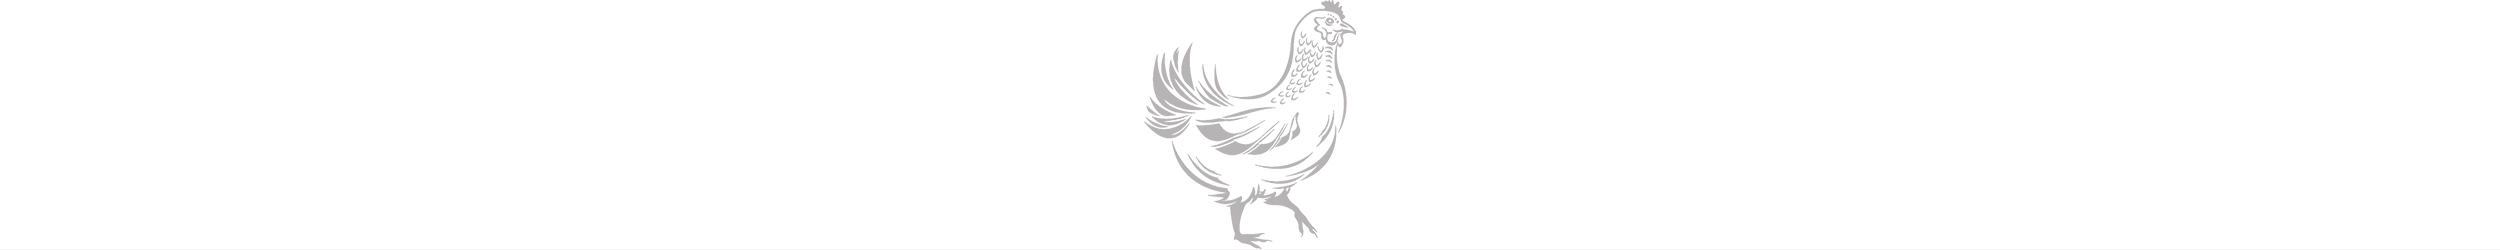 RF_Chicken_silver_sqsp_pagebreak.jpg